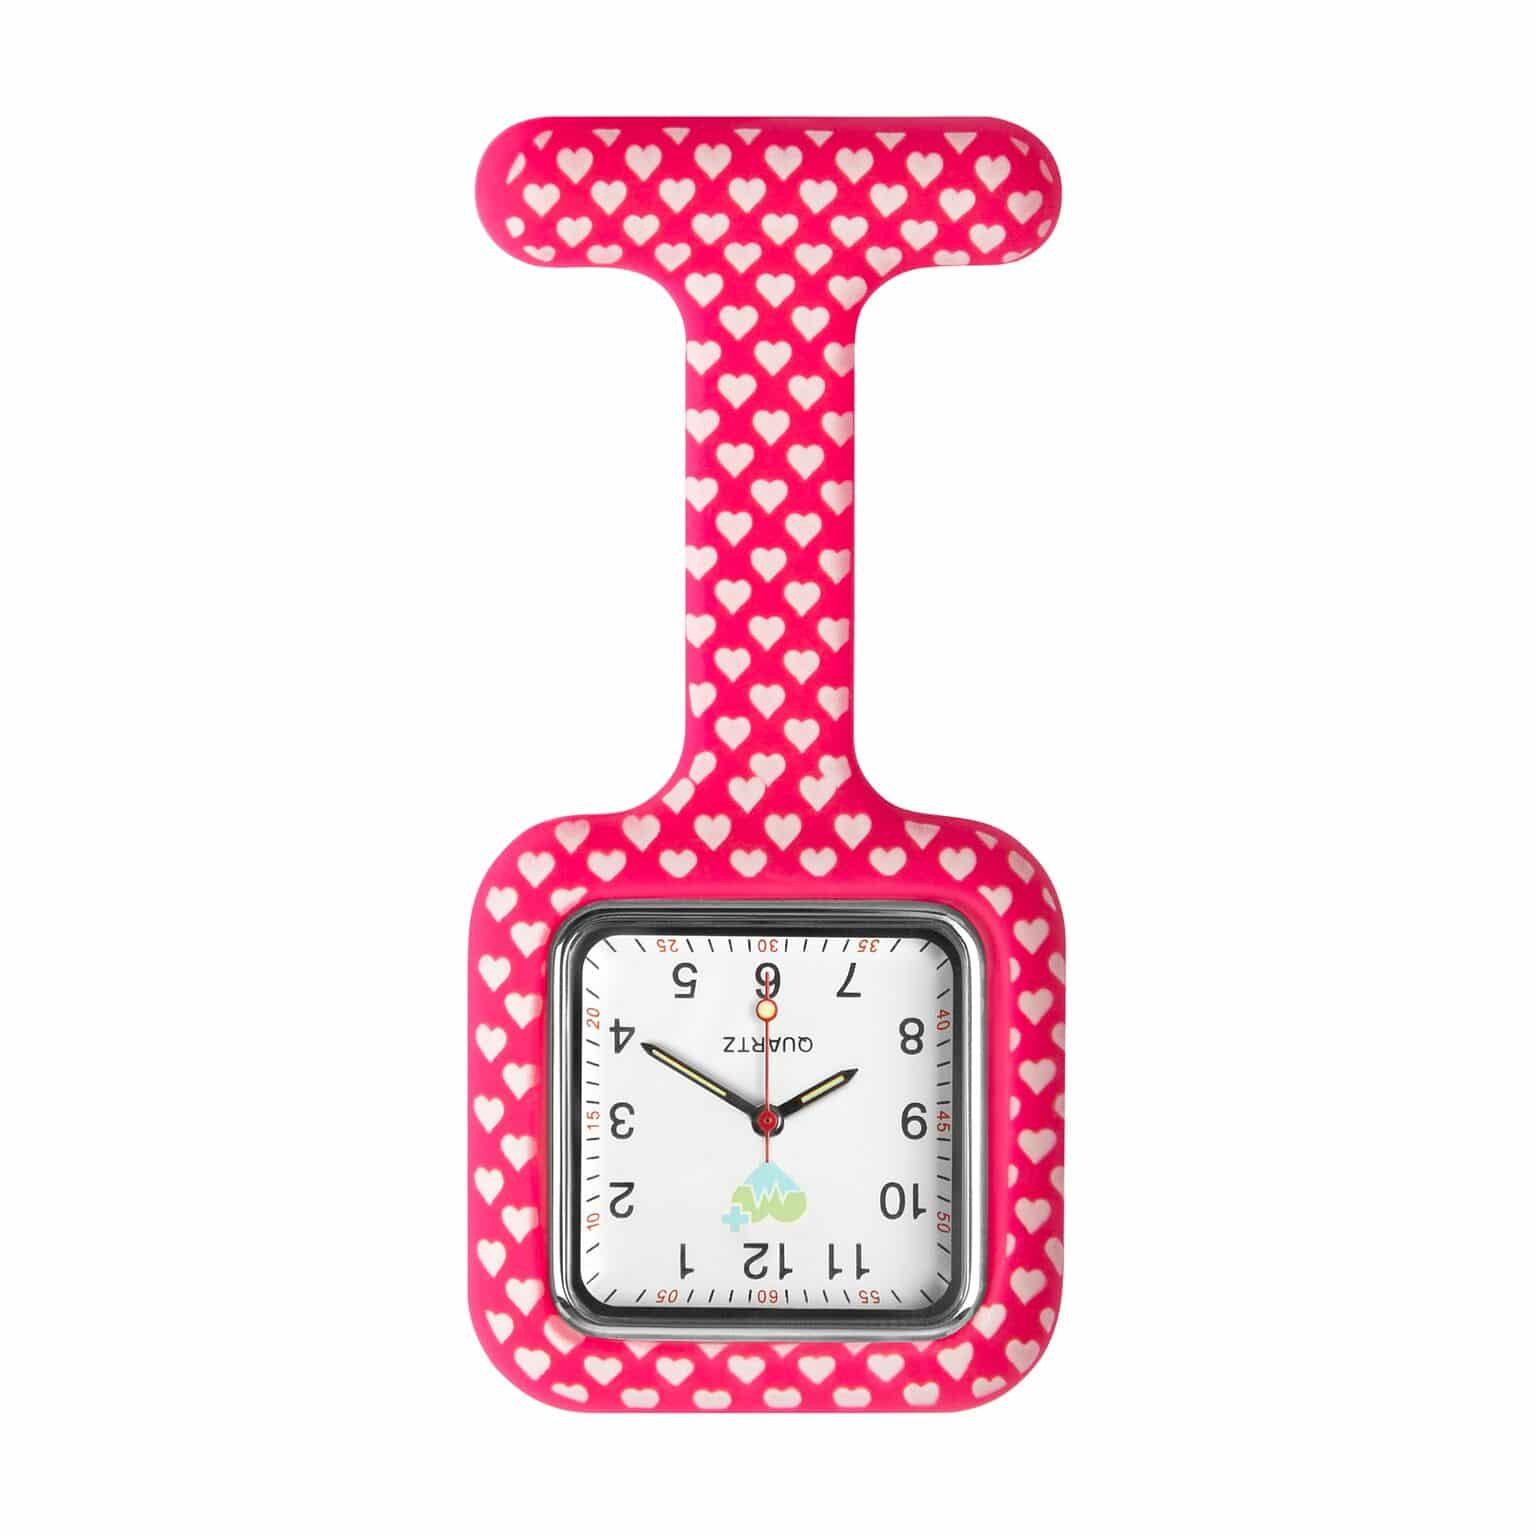 Klocka med silikonskal för sjuksköterskor Hearts fantasy